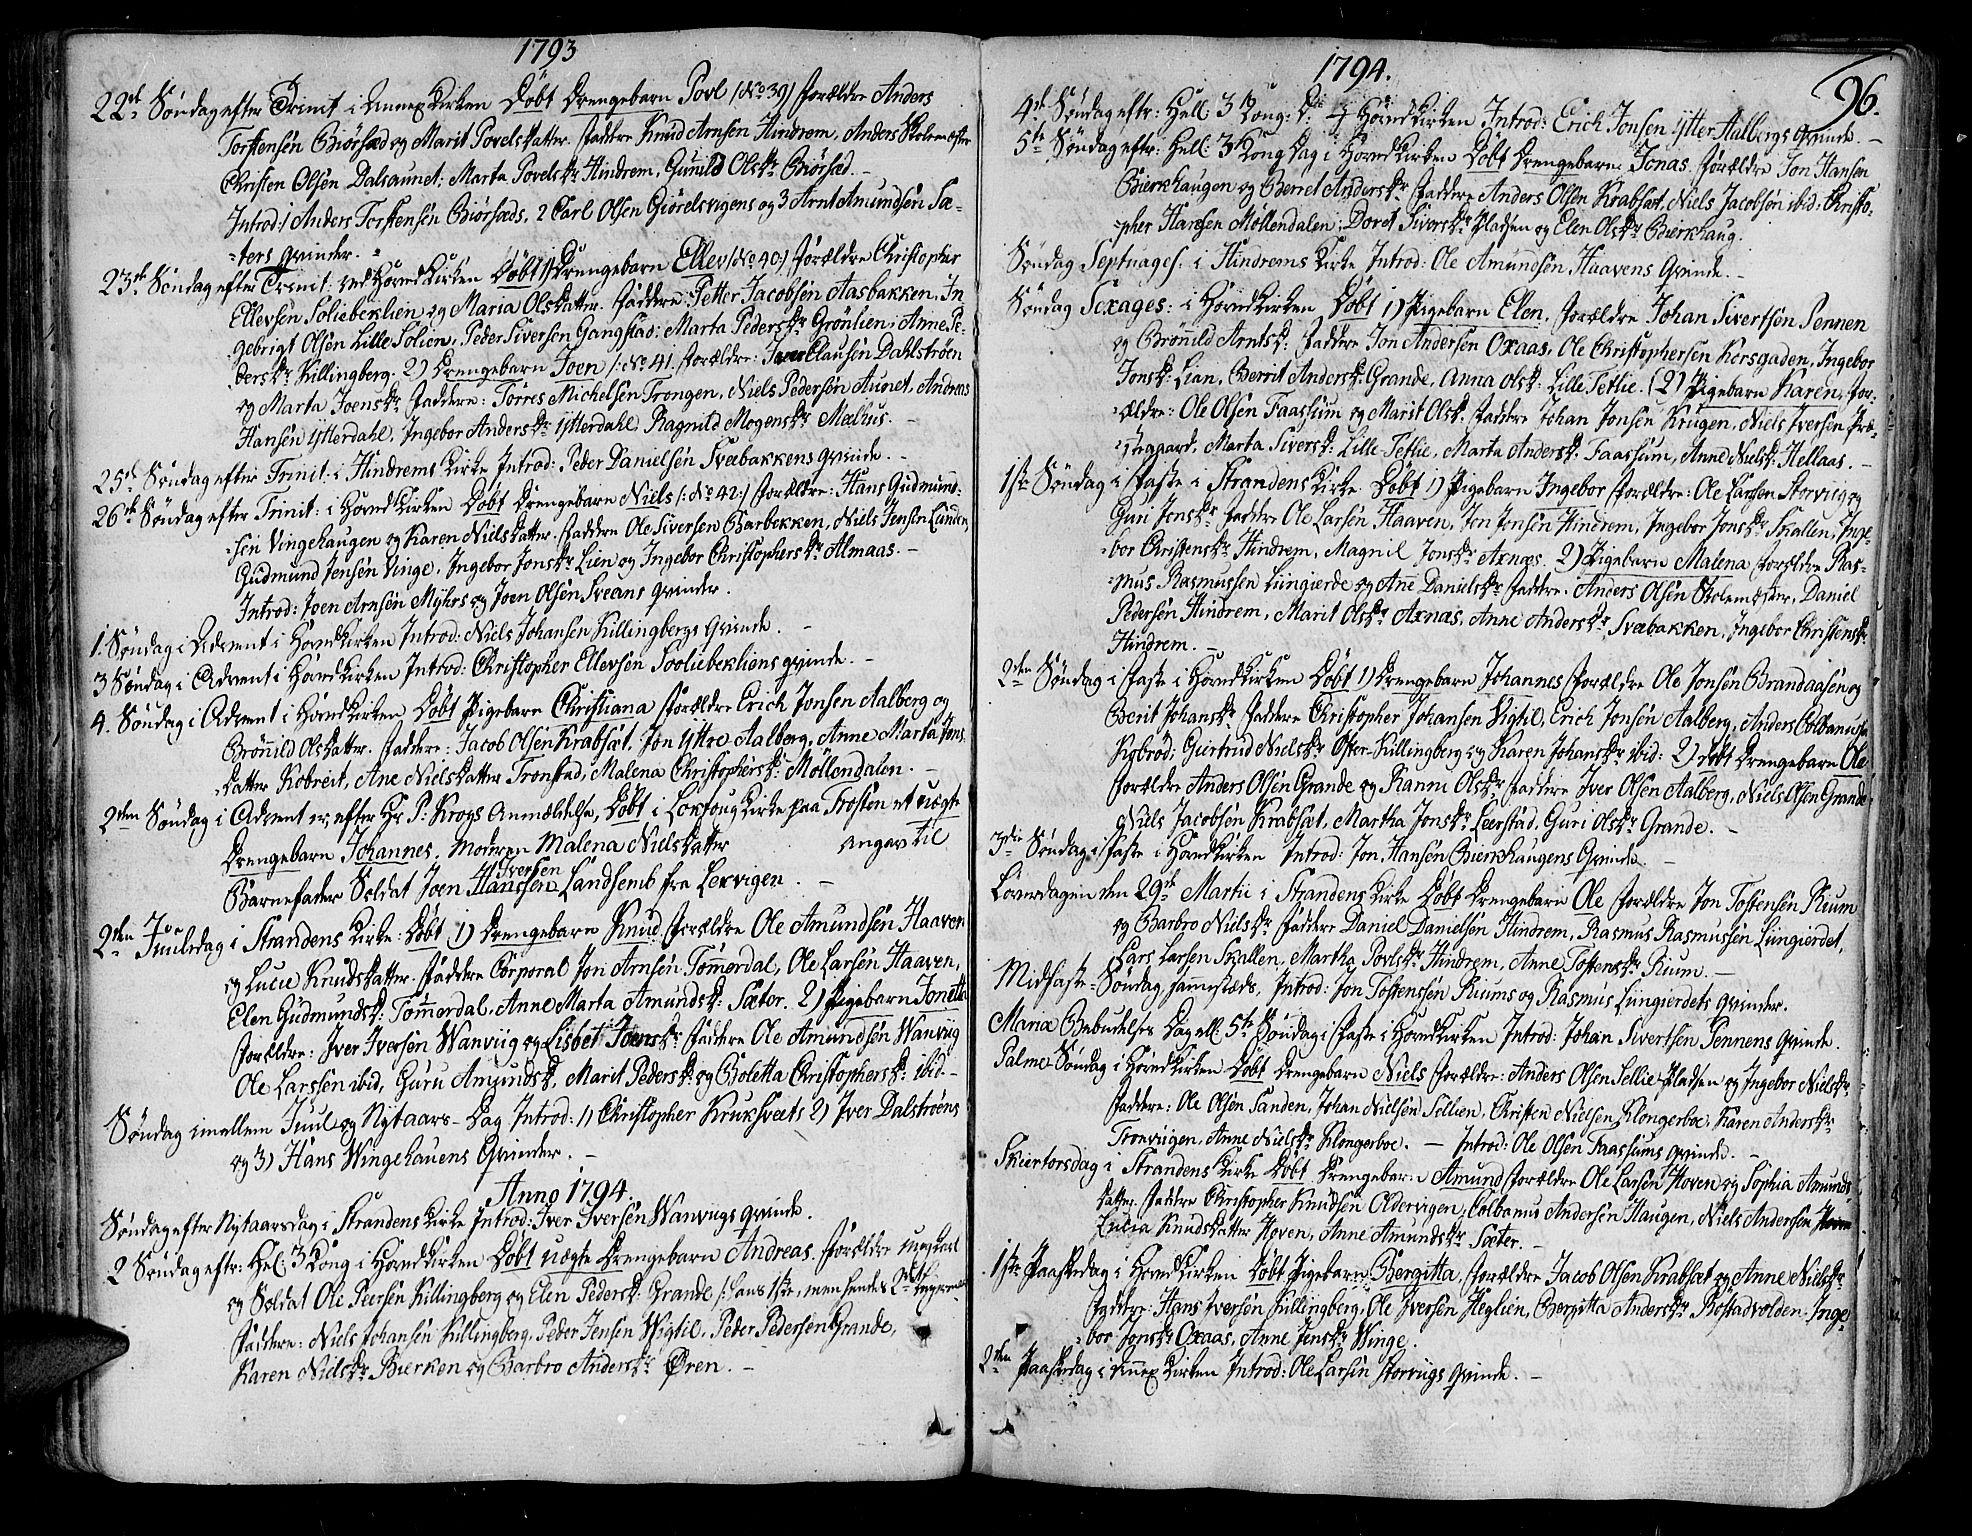 SAT, Ministerialprotokoller, klokkerbøker og fødselsregistre - Nord-Trøndelag, 701/L0004: Ministerialbok nr. 701A04, 1783-1816, s. 96